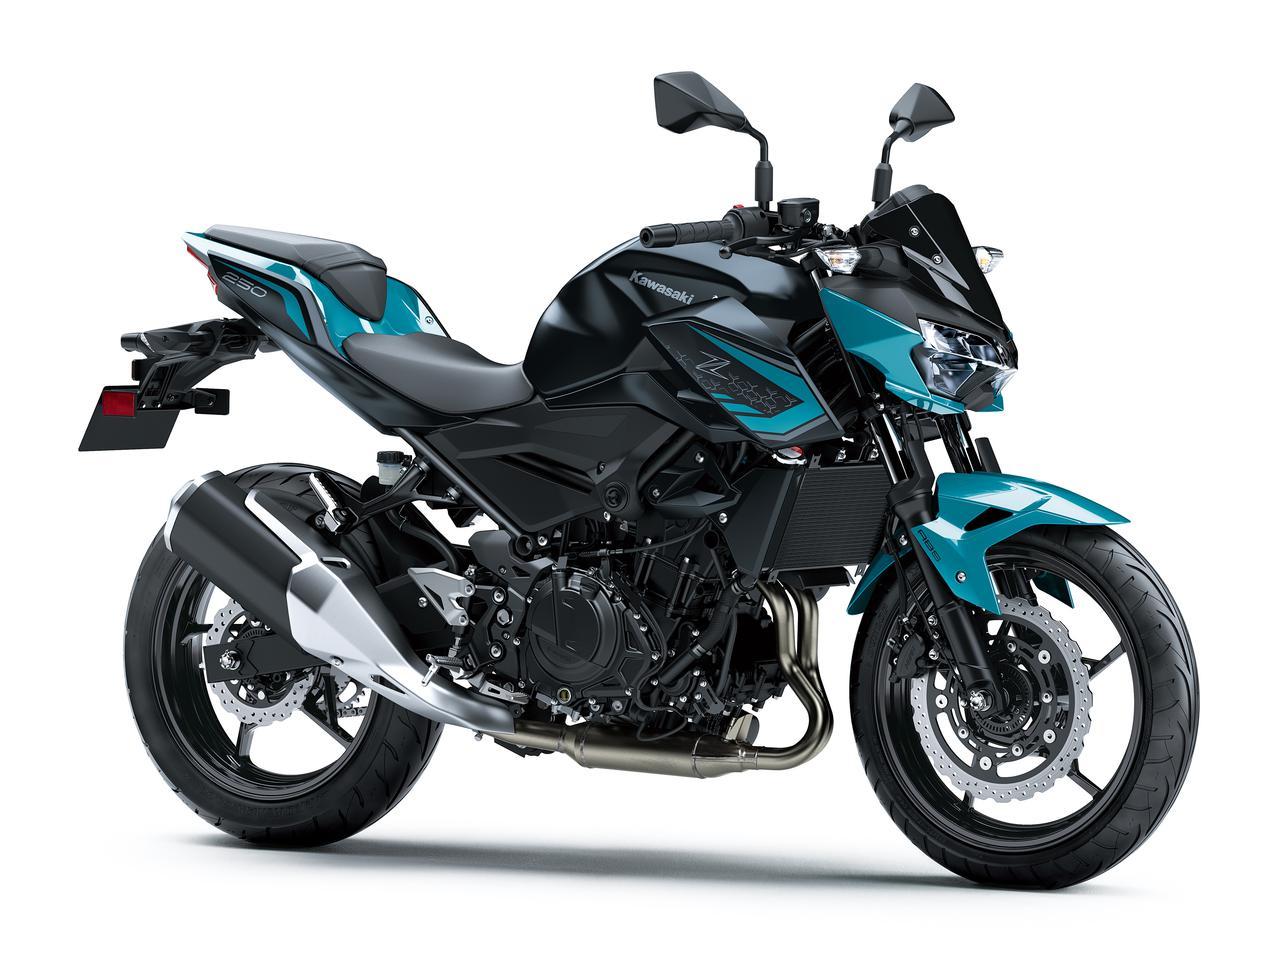 画像2: カワサキ「Z250」2022年モデル発売! スーパーネイキッド・Zシリーズの250ccモデルが新色に